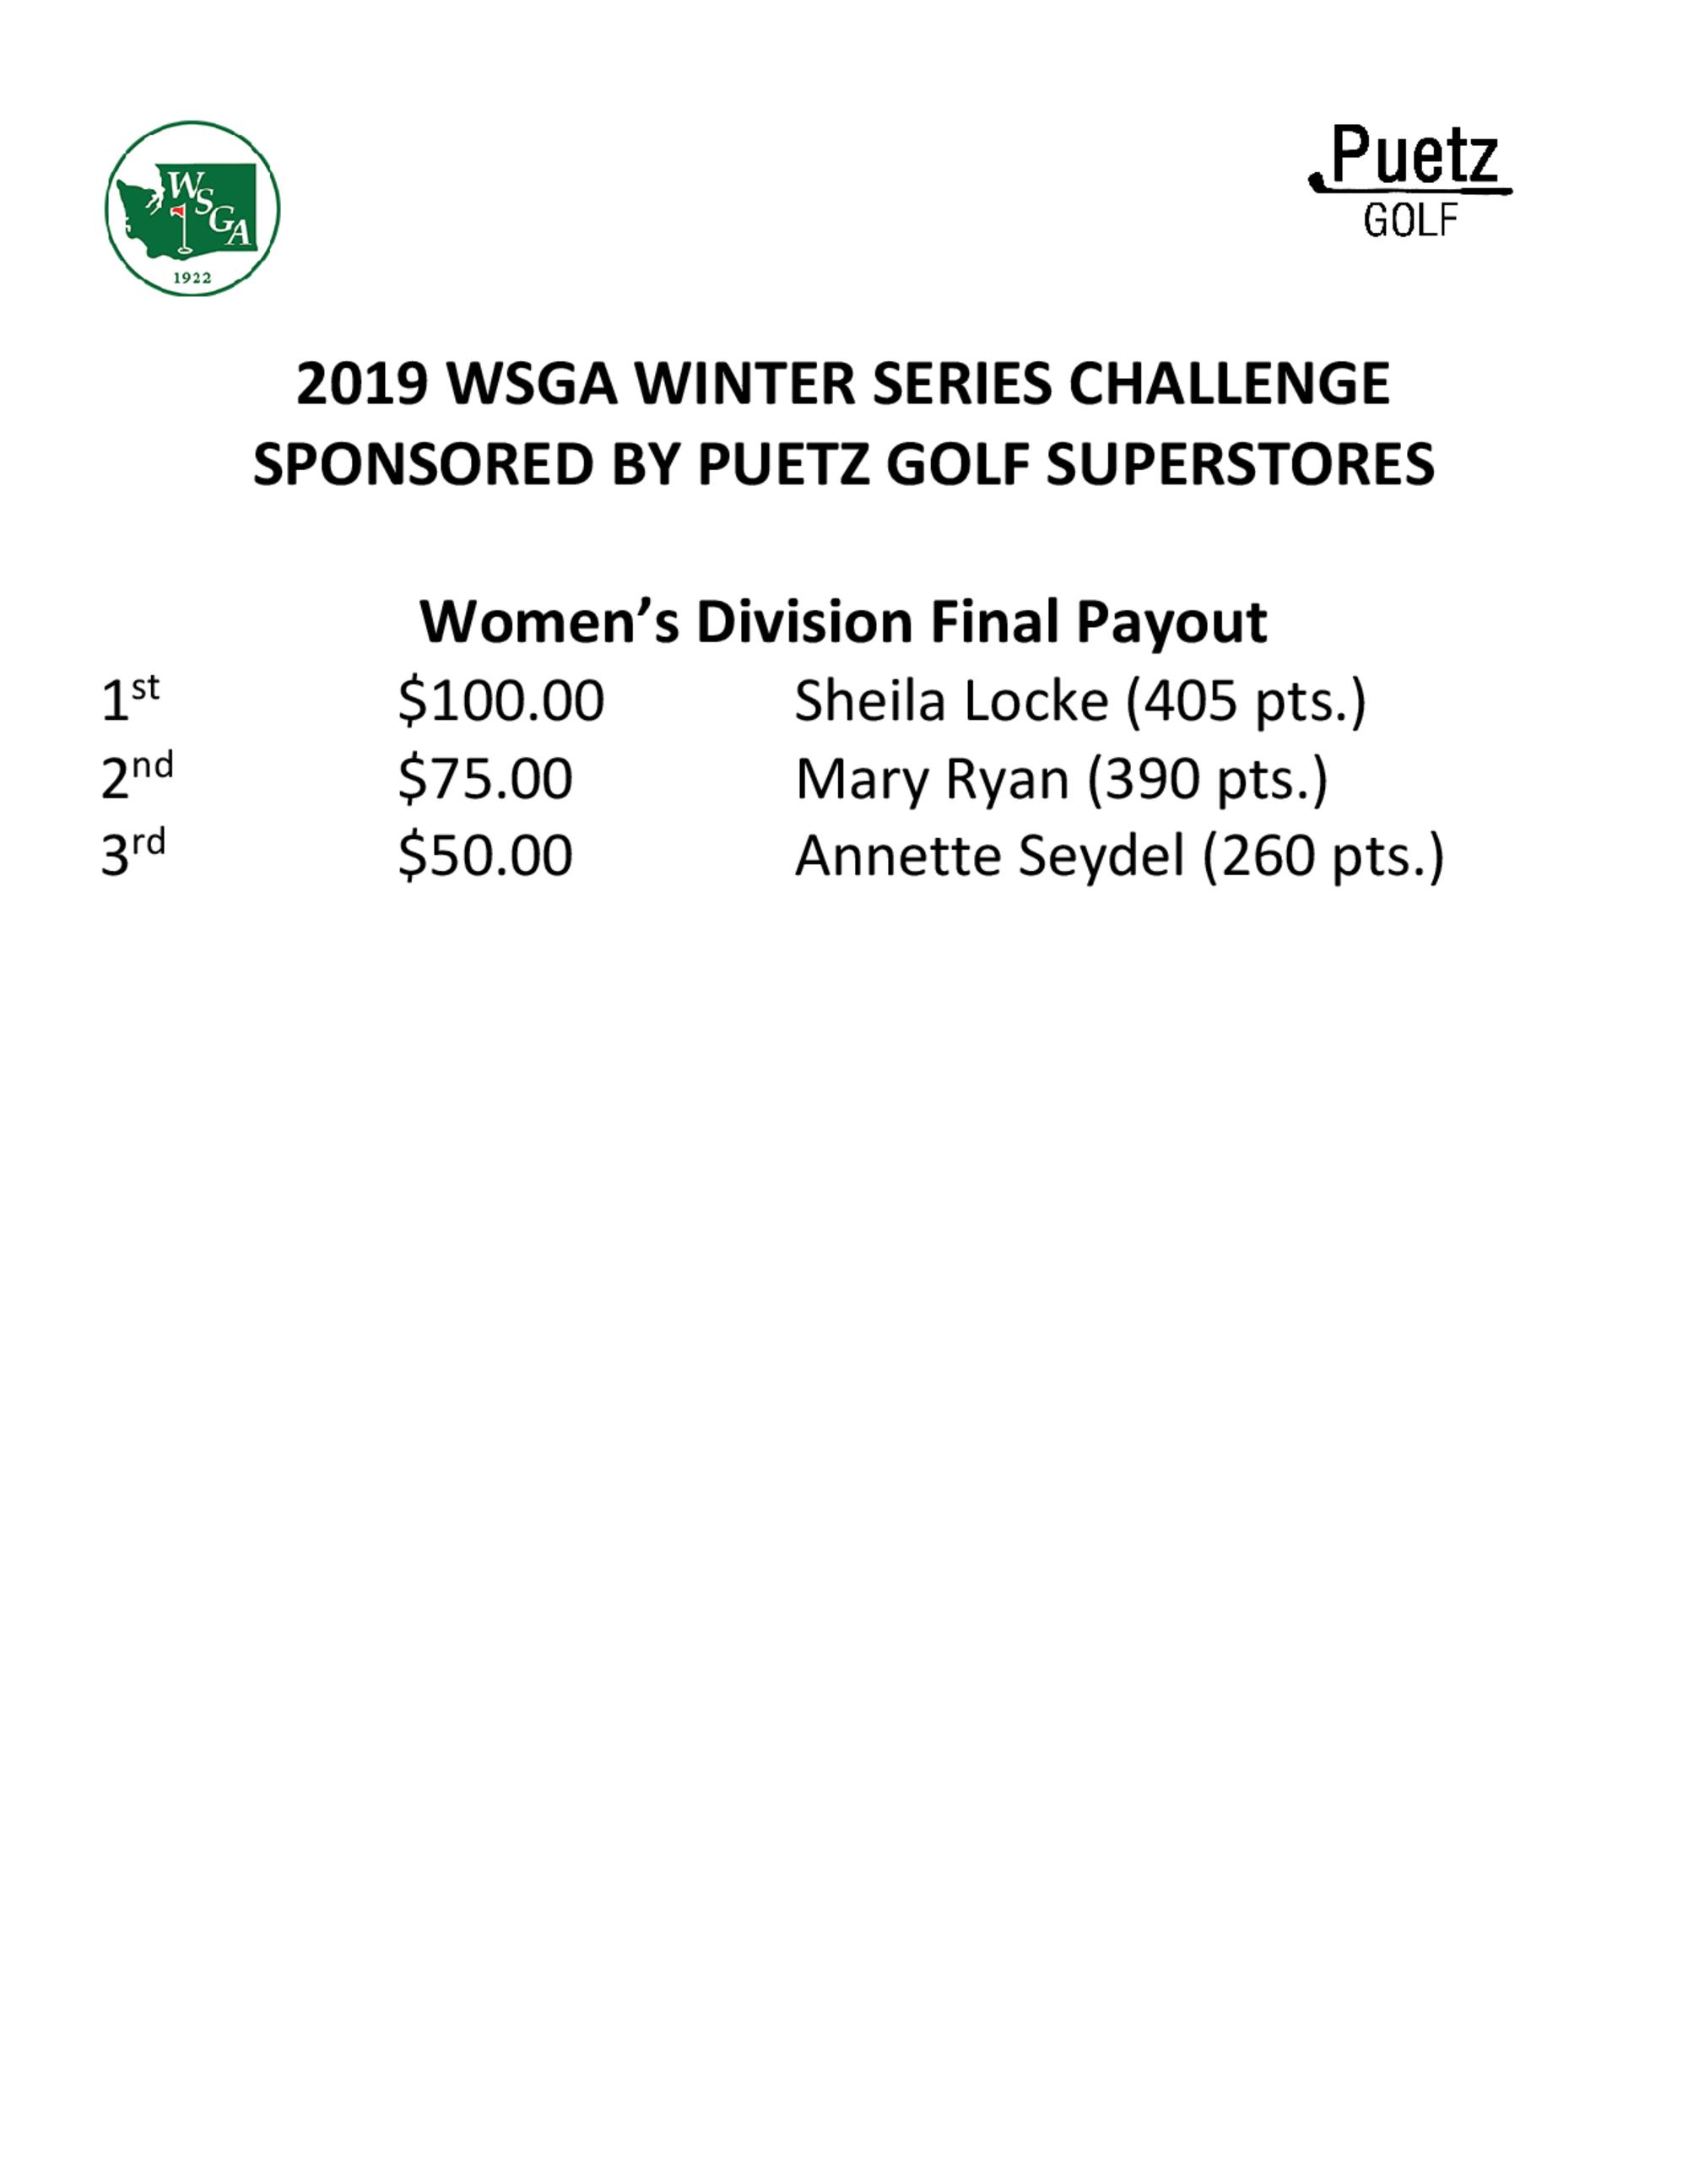 Winter series challenge   puetz golf payout 2